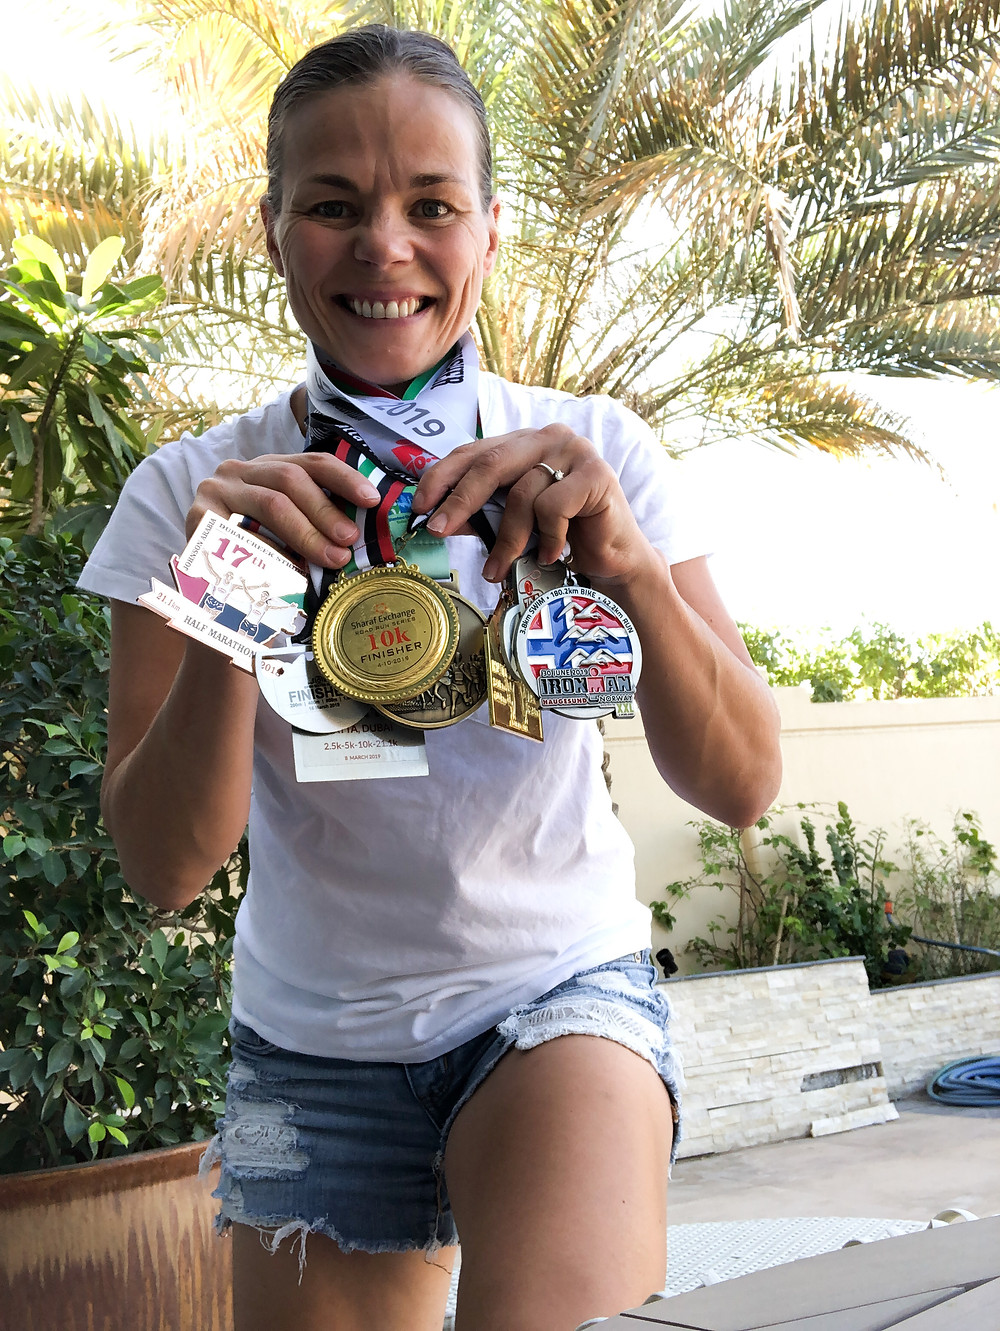 Tired Mom Runs, medals